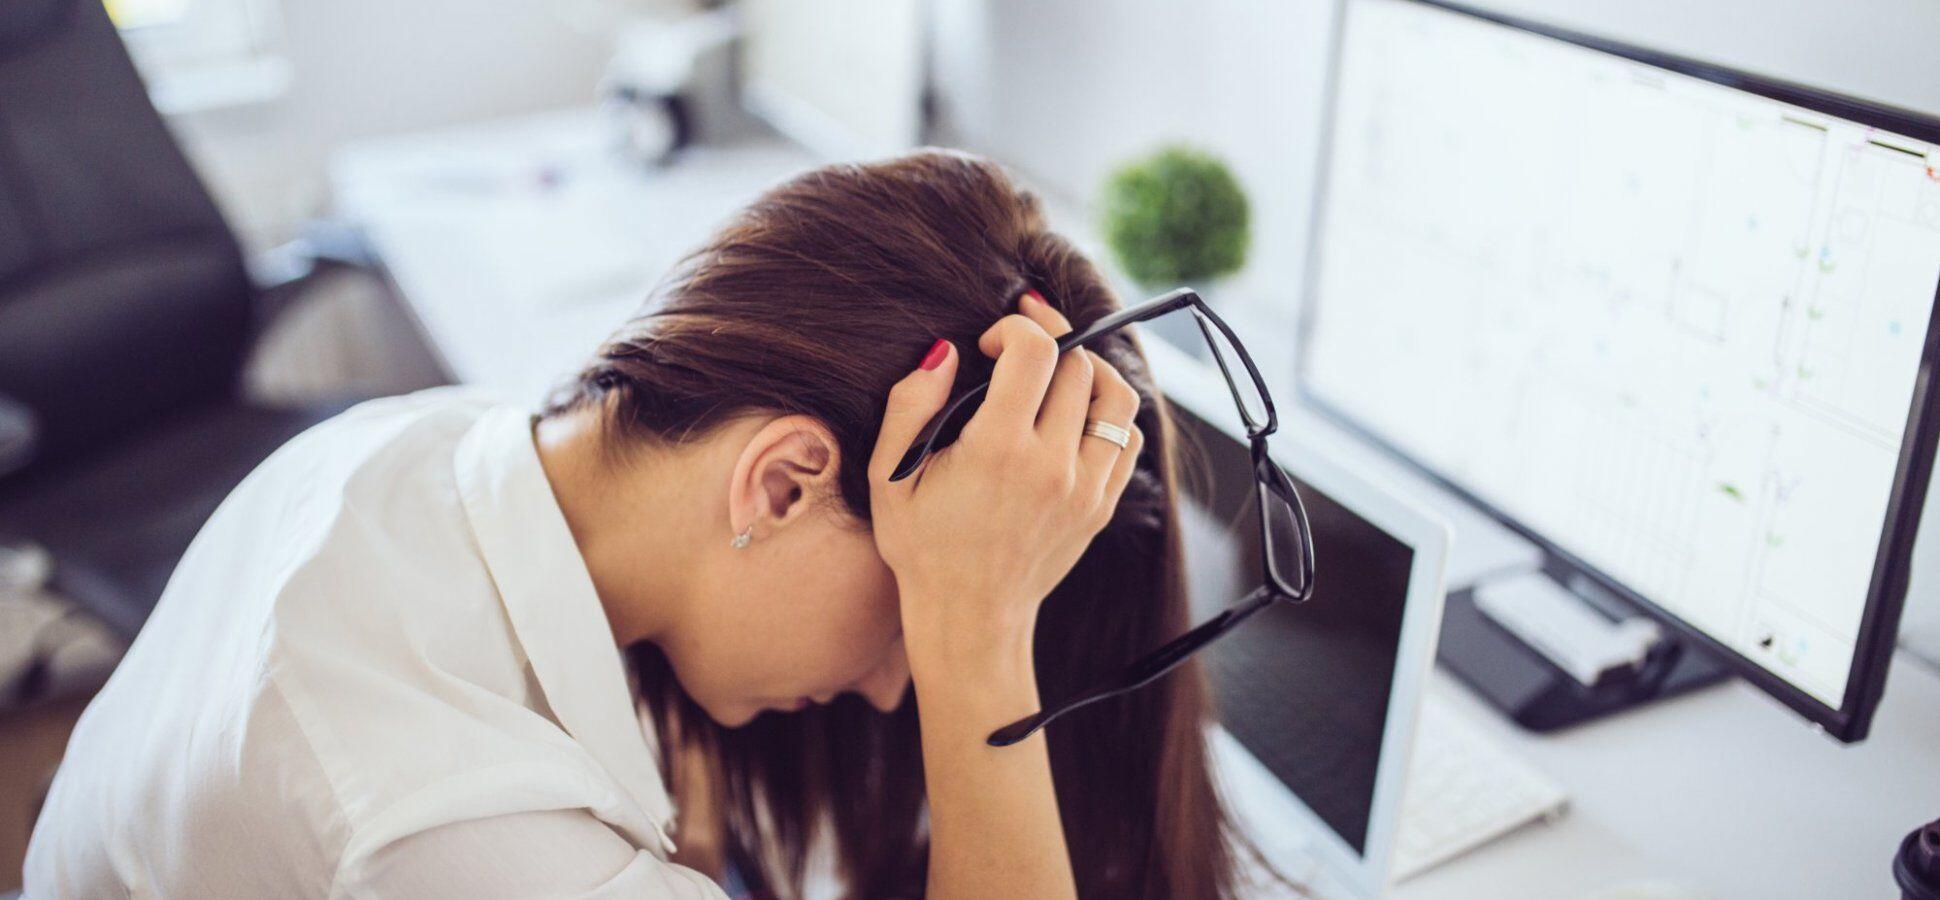 10 Alasan Kenapa Kamu Bisa Tidak Termotivasi dan Cara Mengatasinya